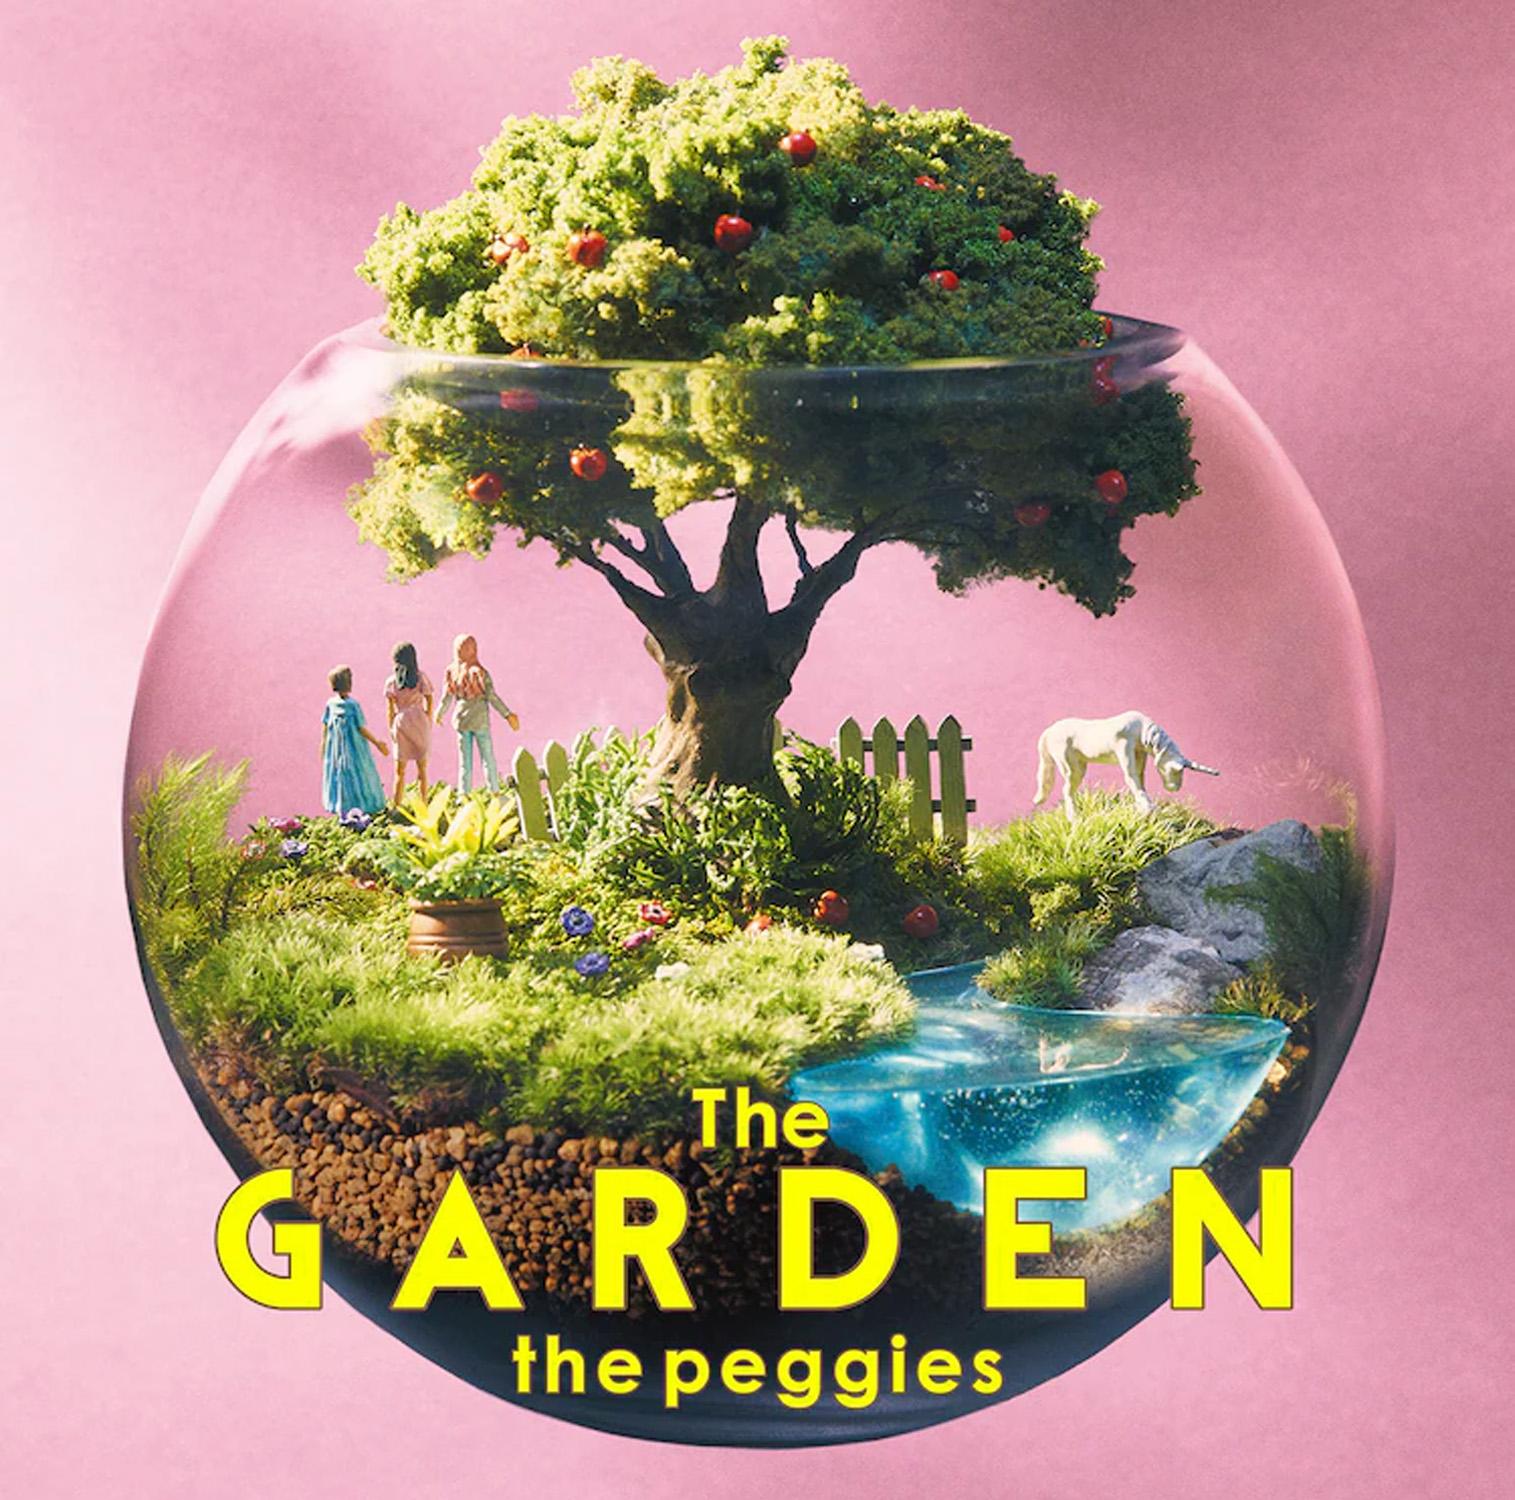 the peggies - The GARDEN